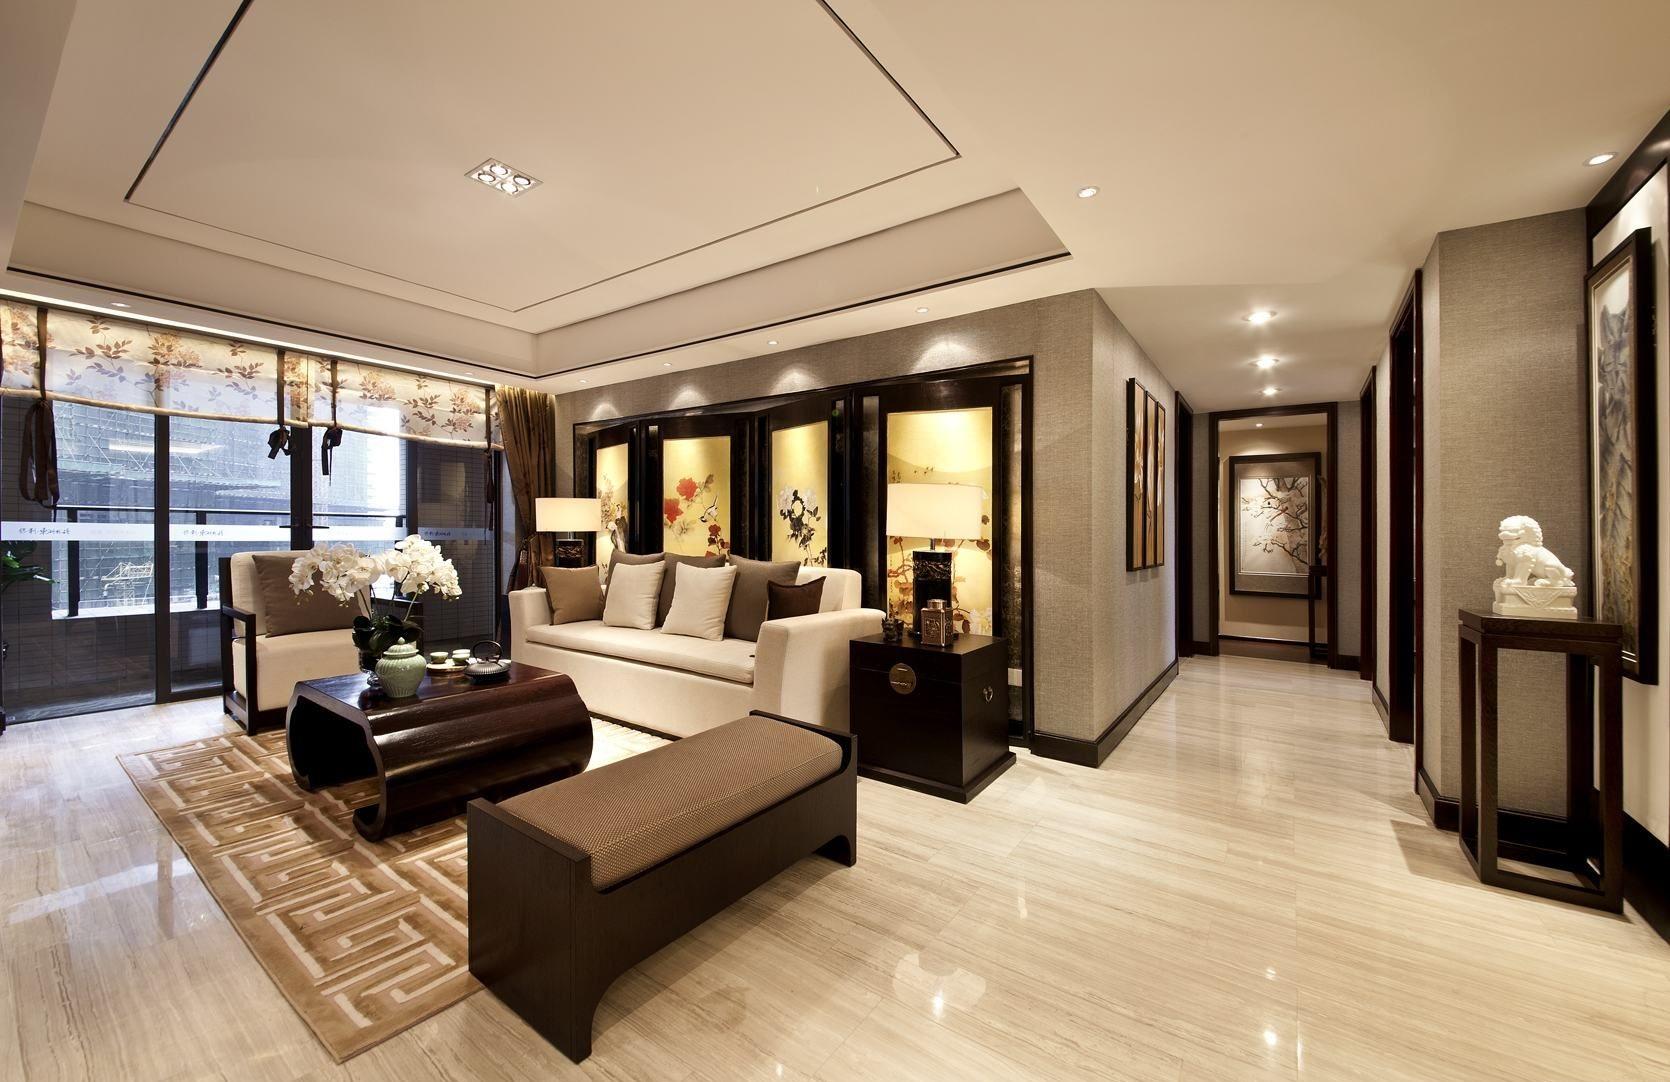 树叶图案的纱帘、木质茶几、布艺沙发,都是时尚与古典的柔美结合。